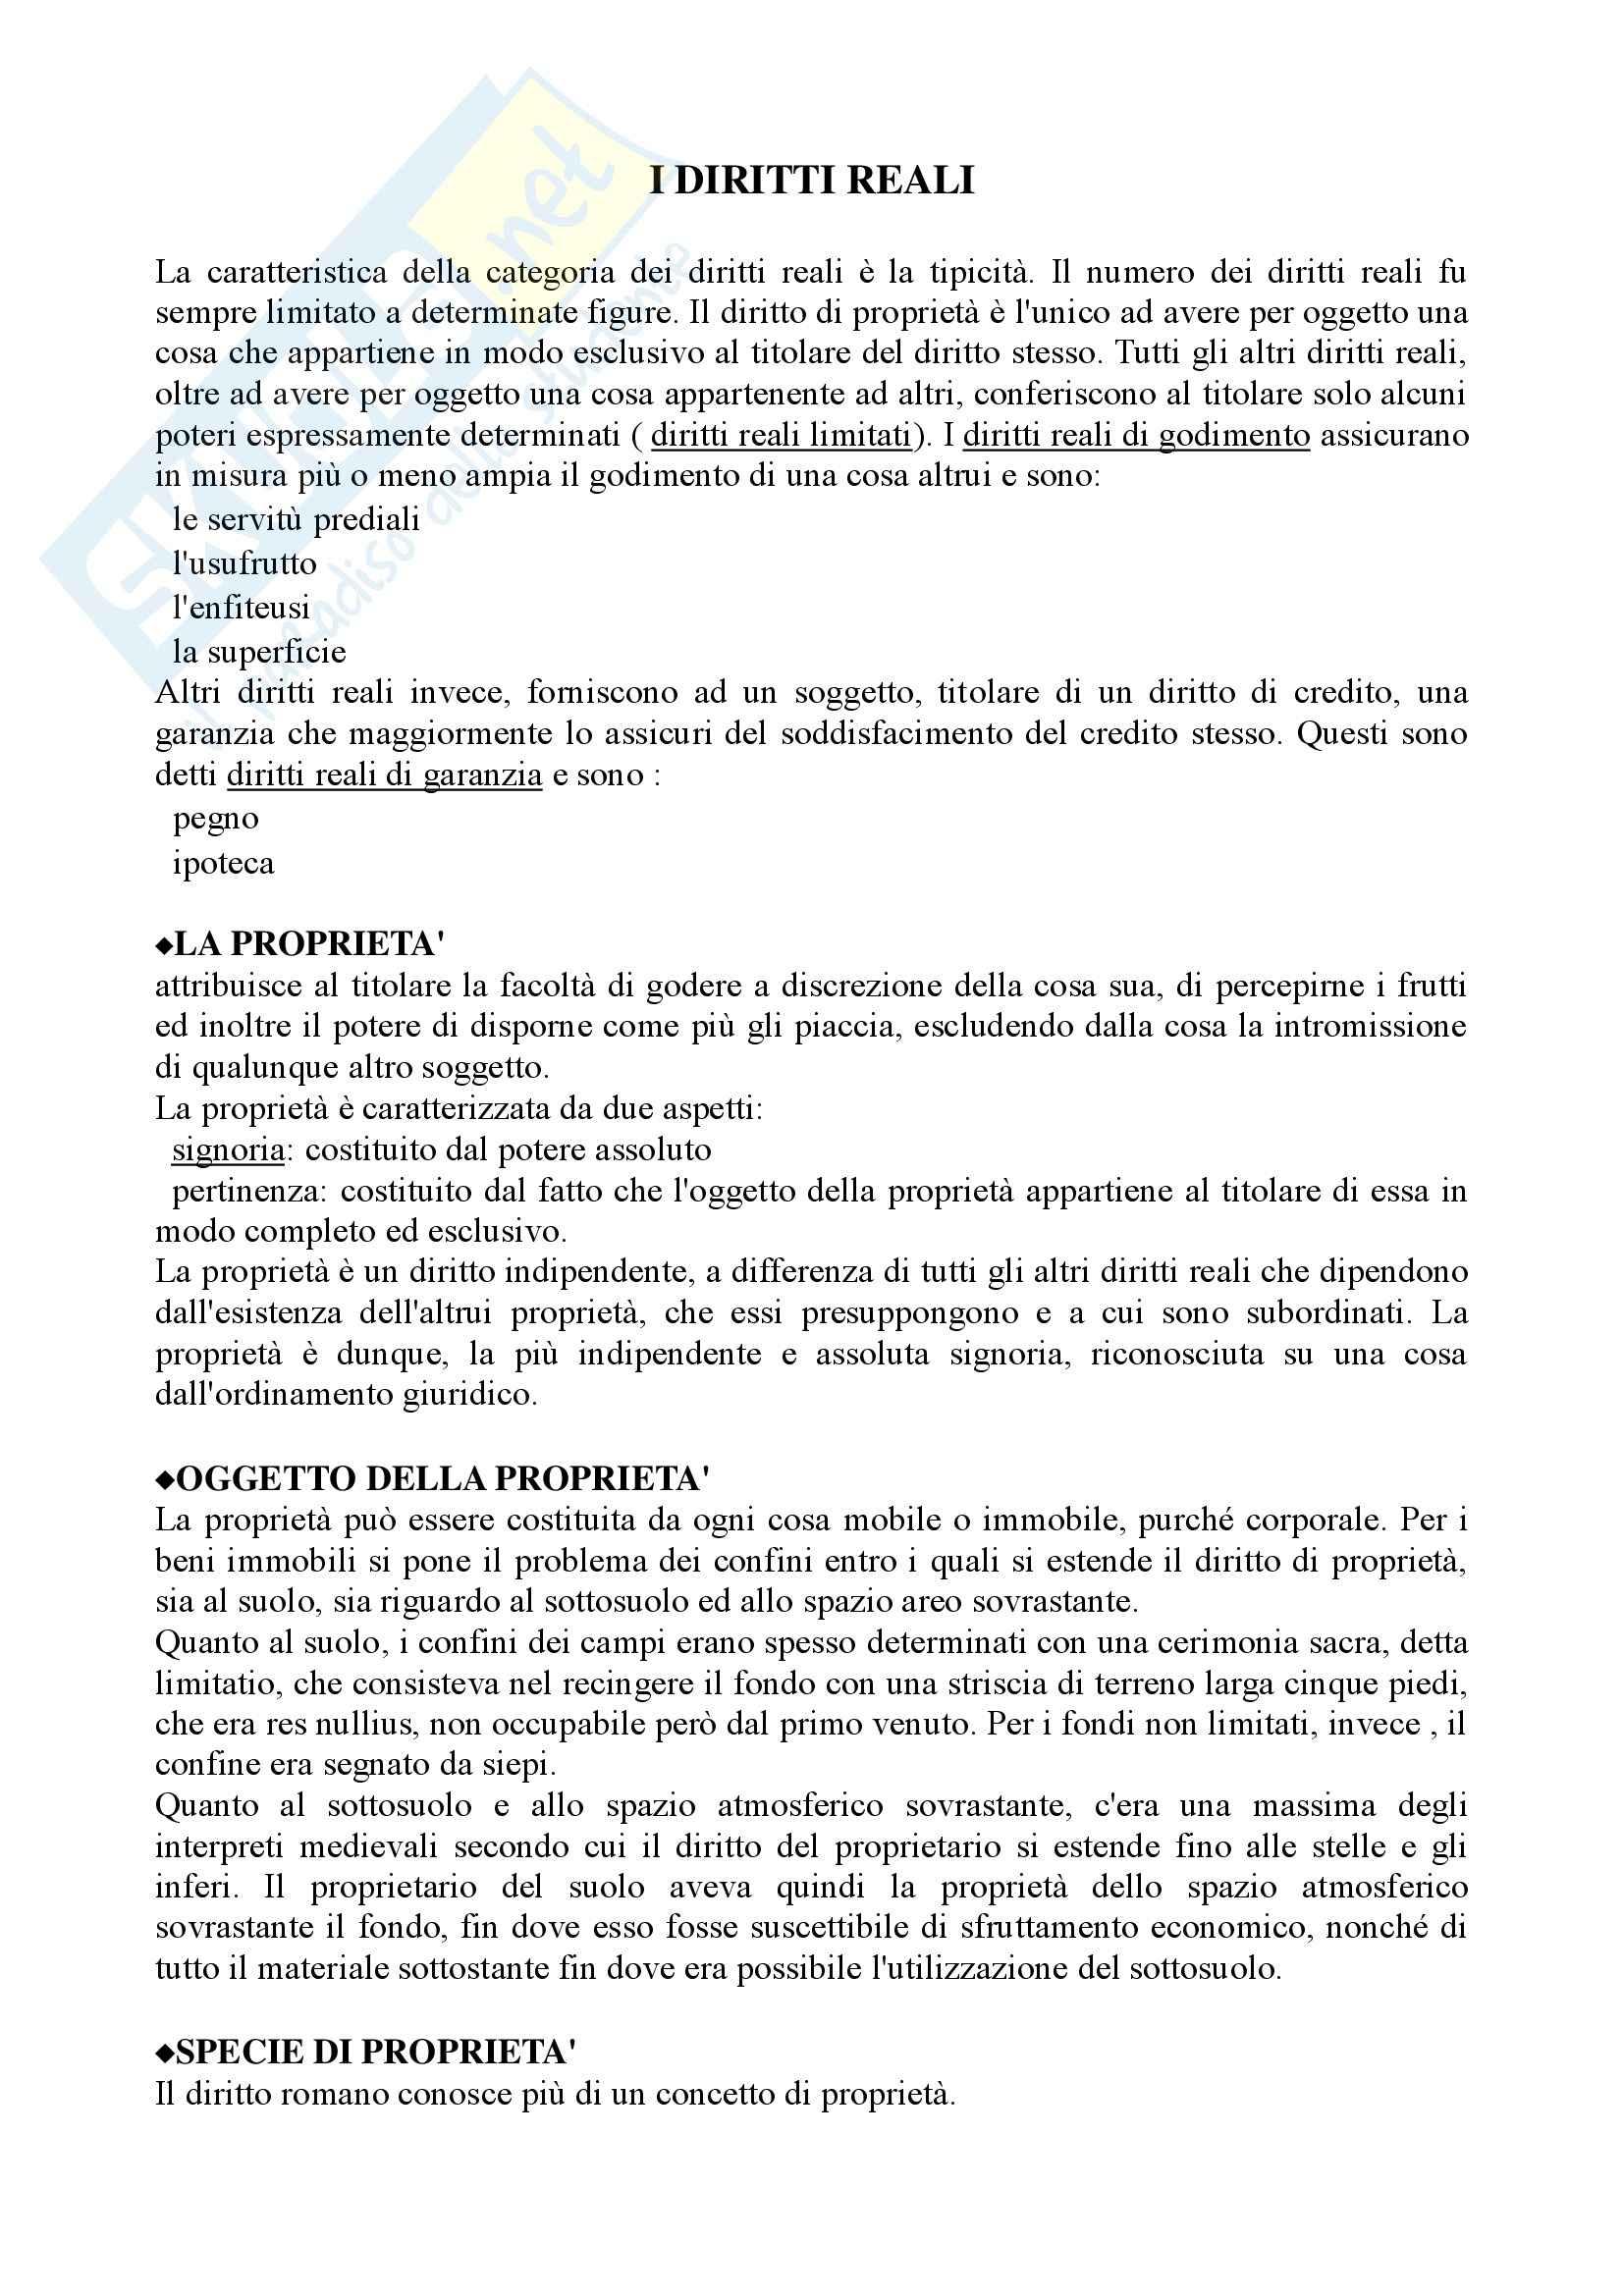 Istituzioni di diritto romano- Diritti reali